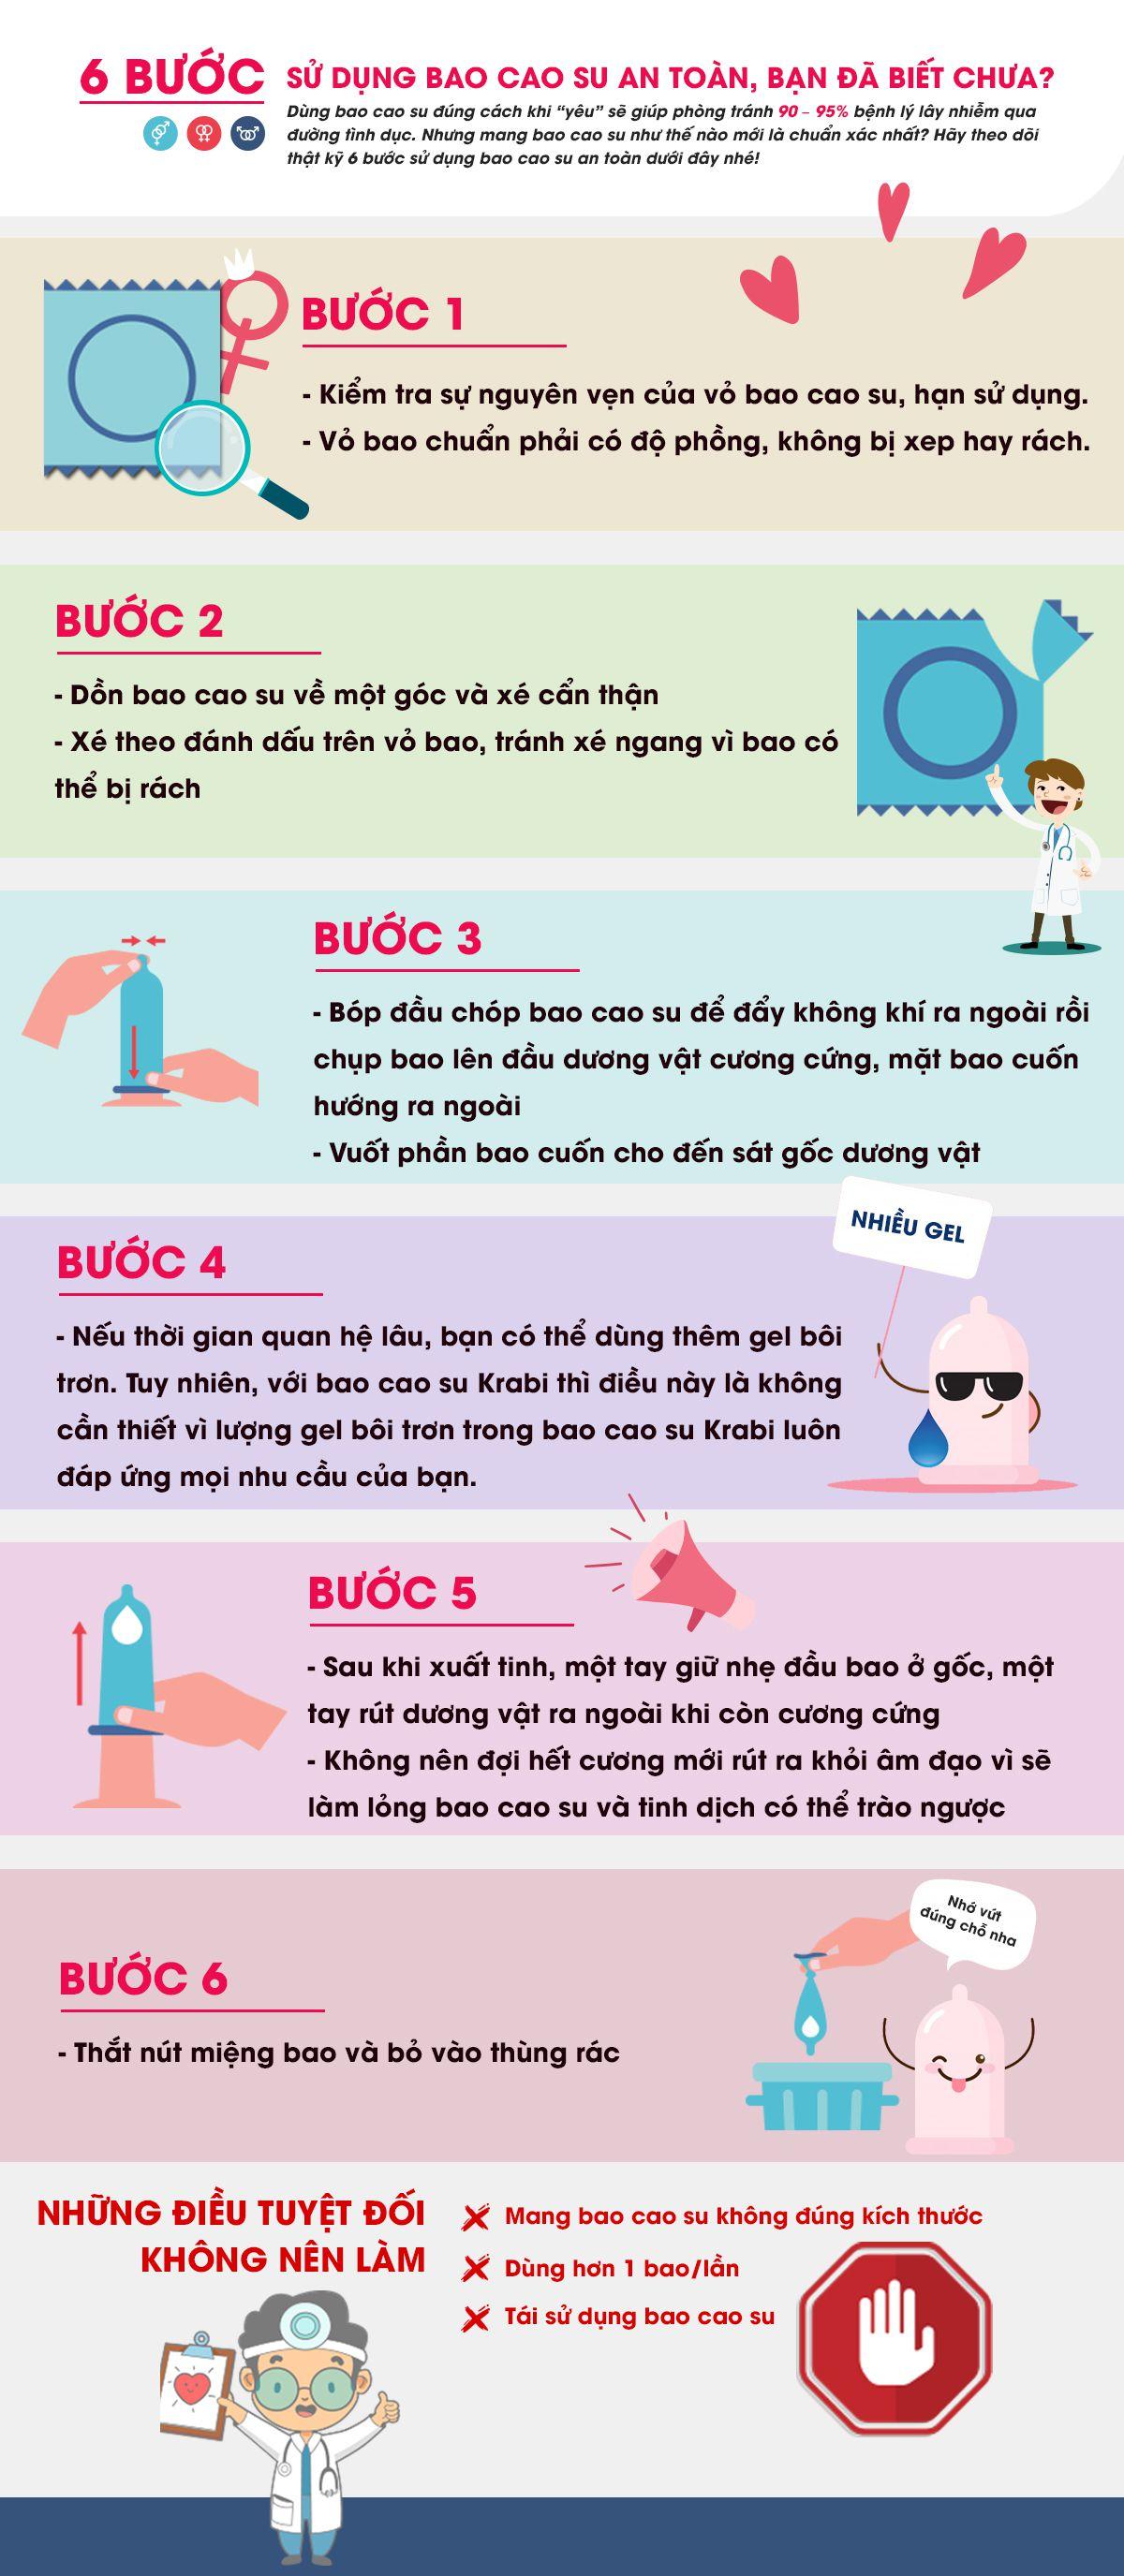 Cách sử dụng bao cao su đúng nhất chỉ với 6 bước đơn giản